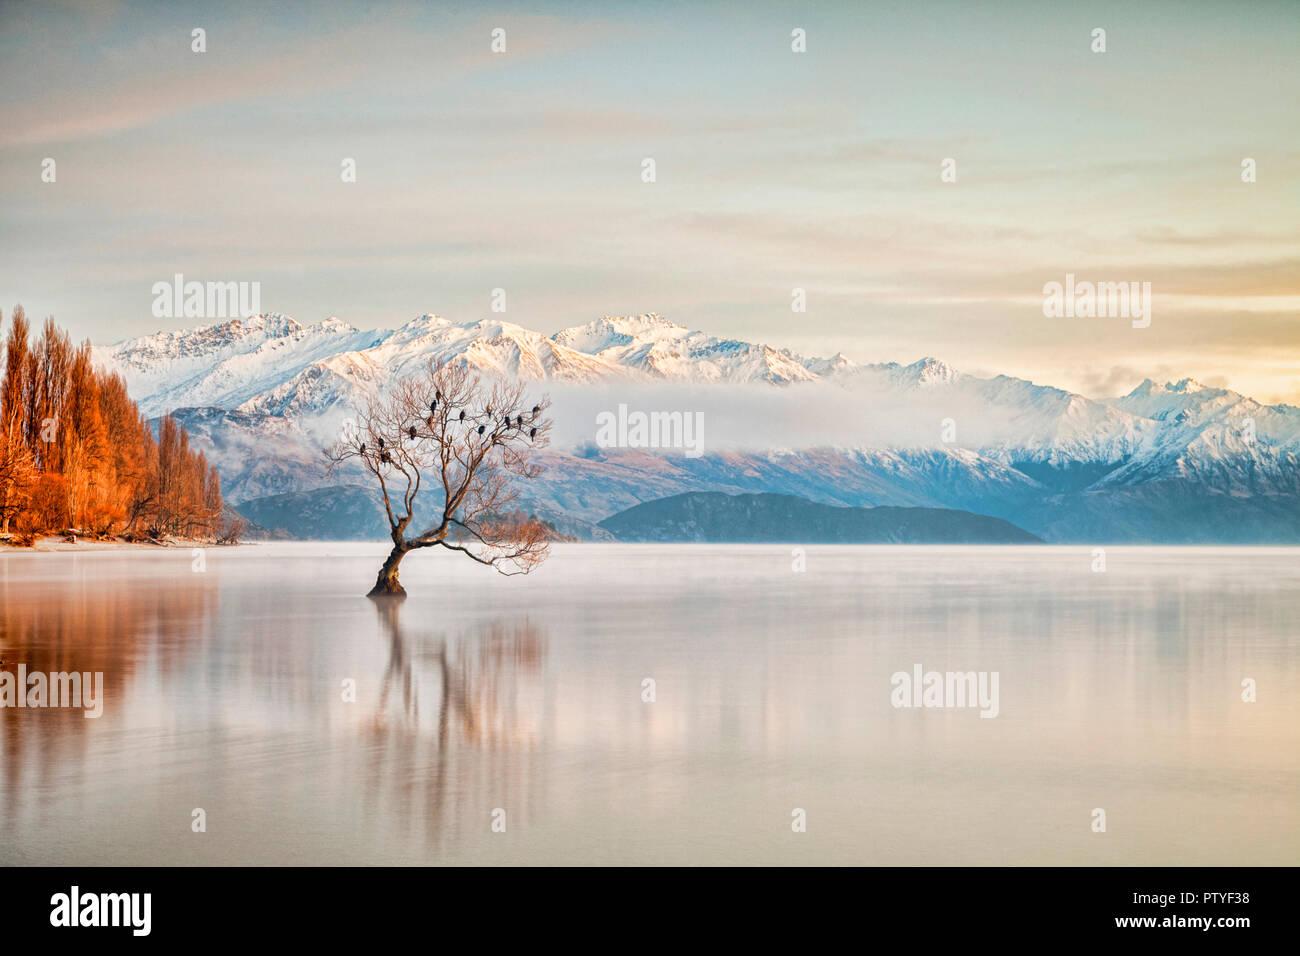 En invierno el Lago Wanaka, Otago, Nueva Zelanda, mientras que las aves se posan en el árbol único y la bruma elevándose desde el agua. Foto de stock